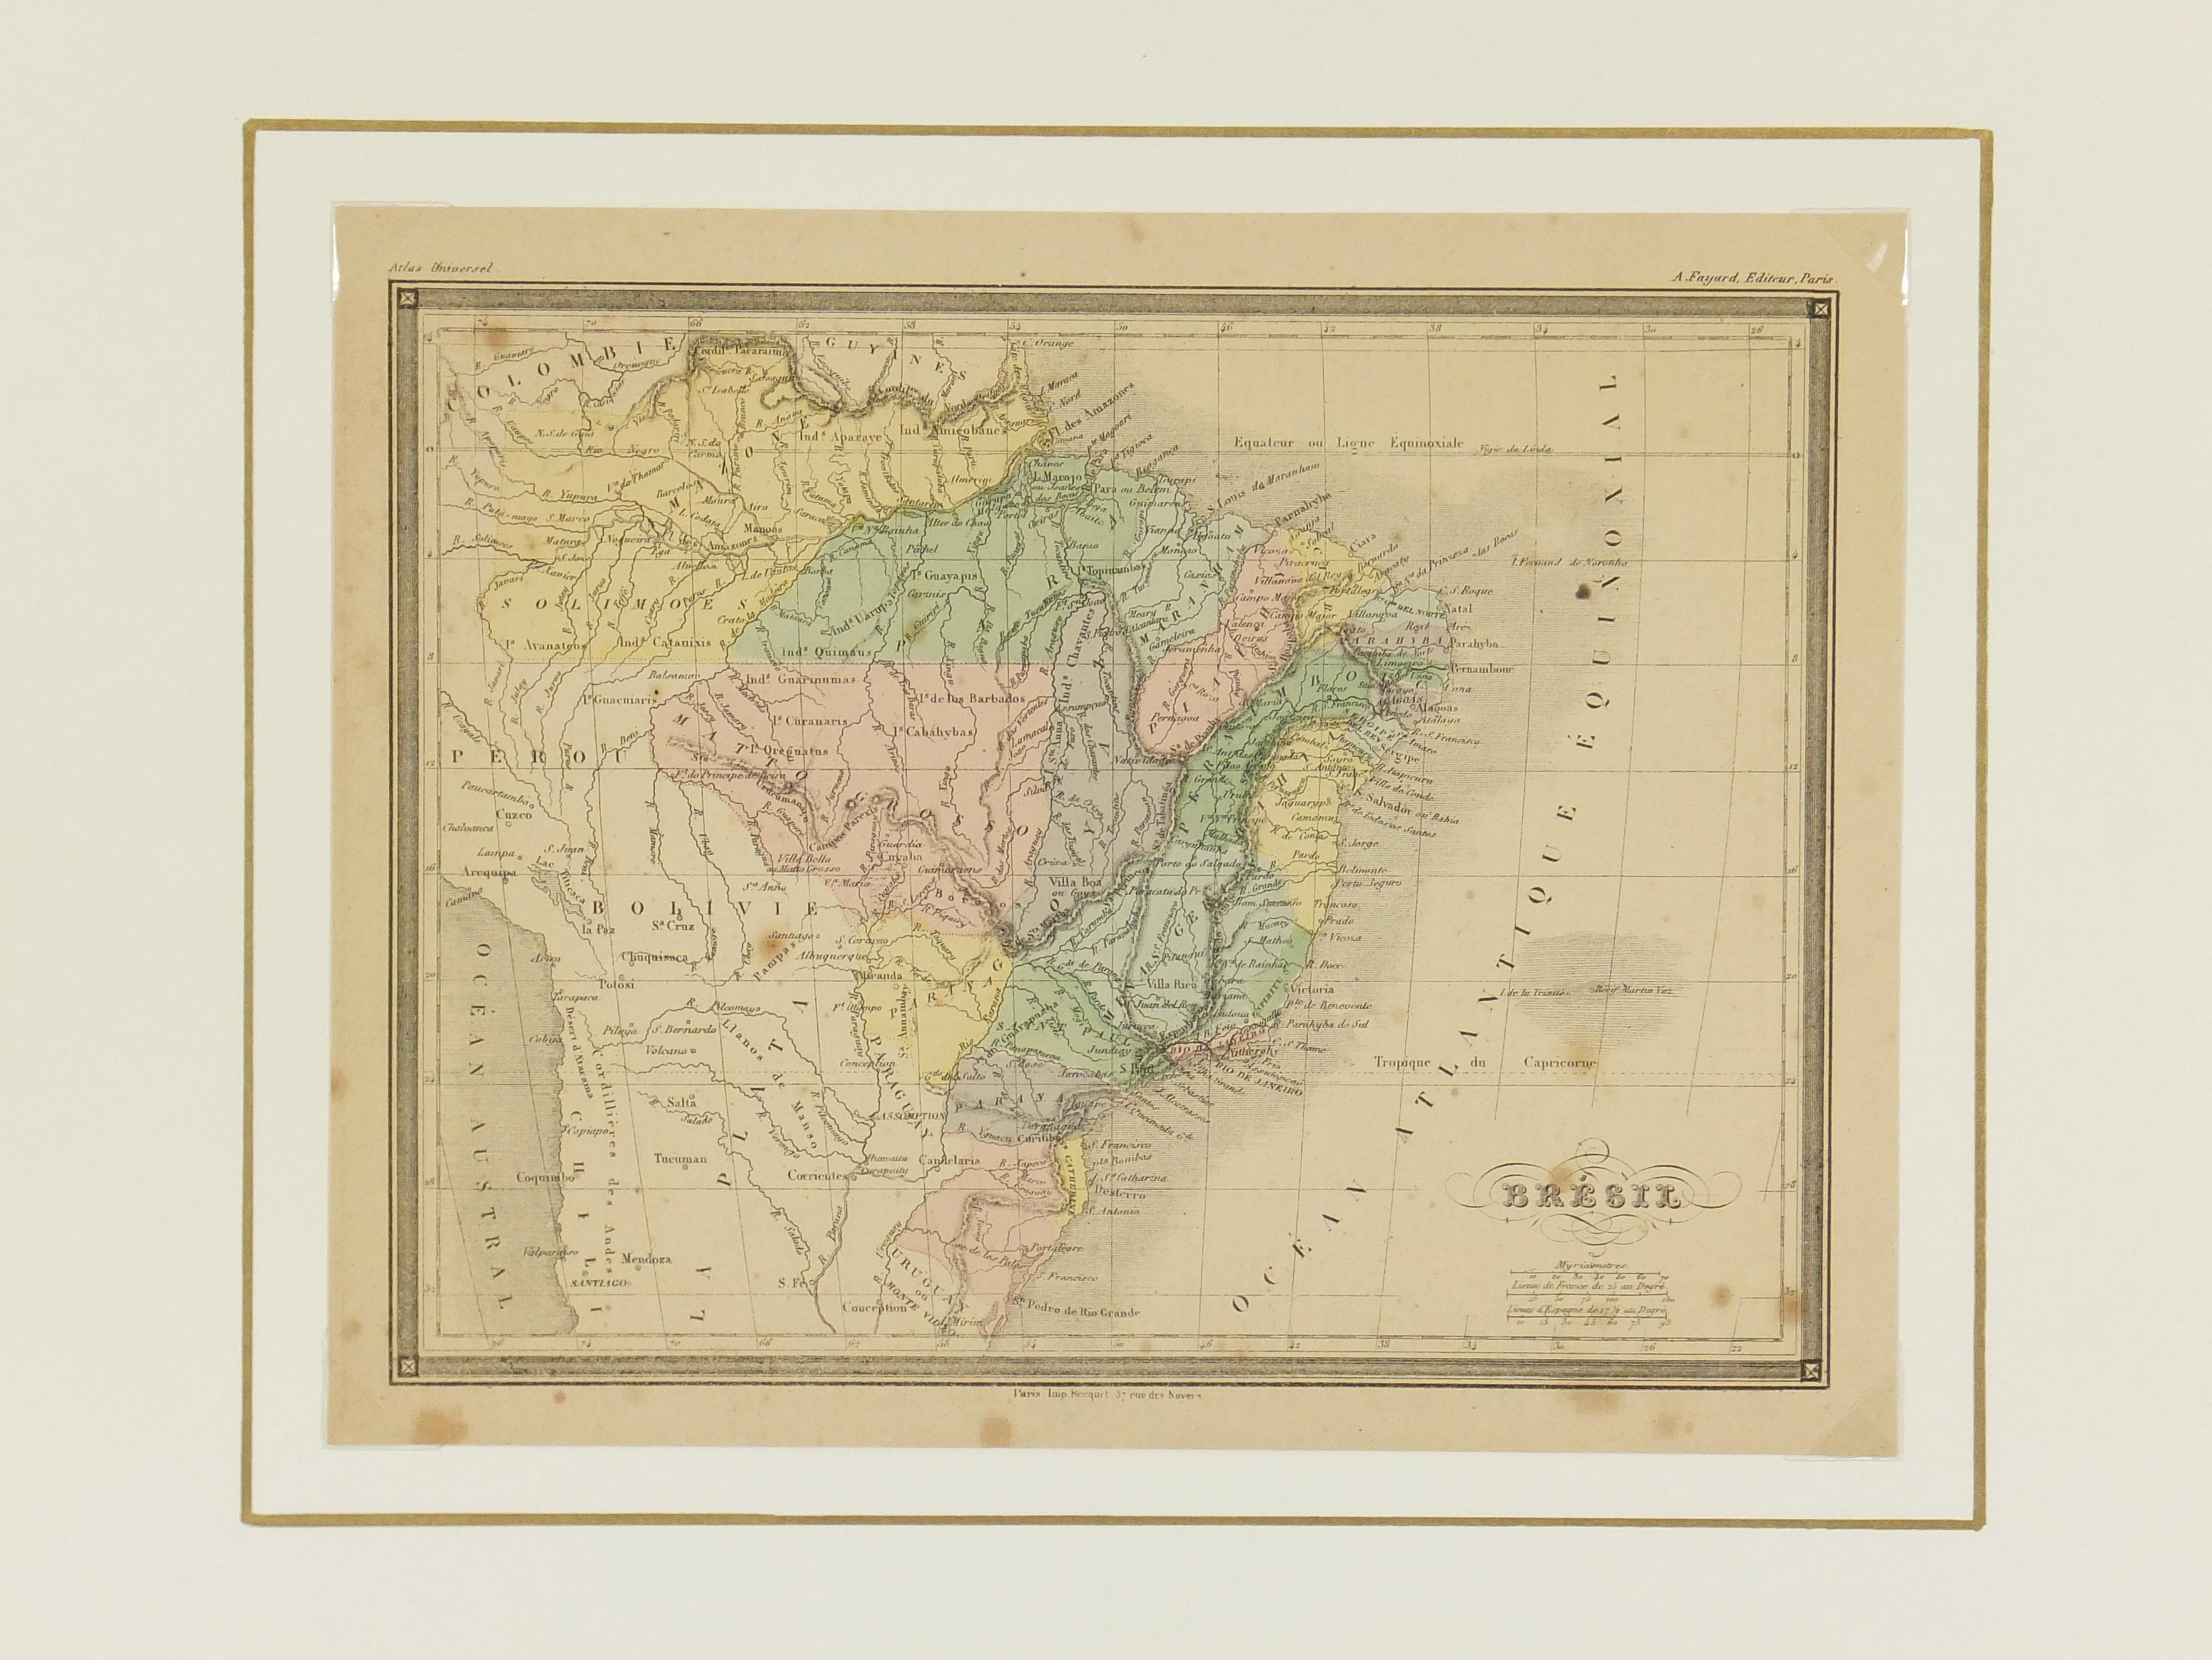 Brazil Map, 1877-matted-7303K